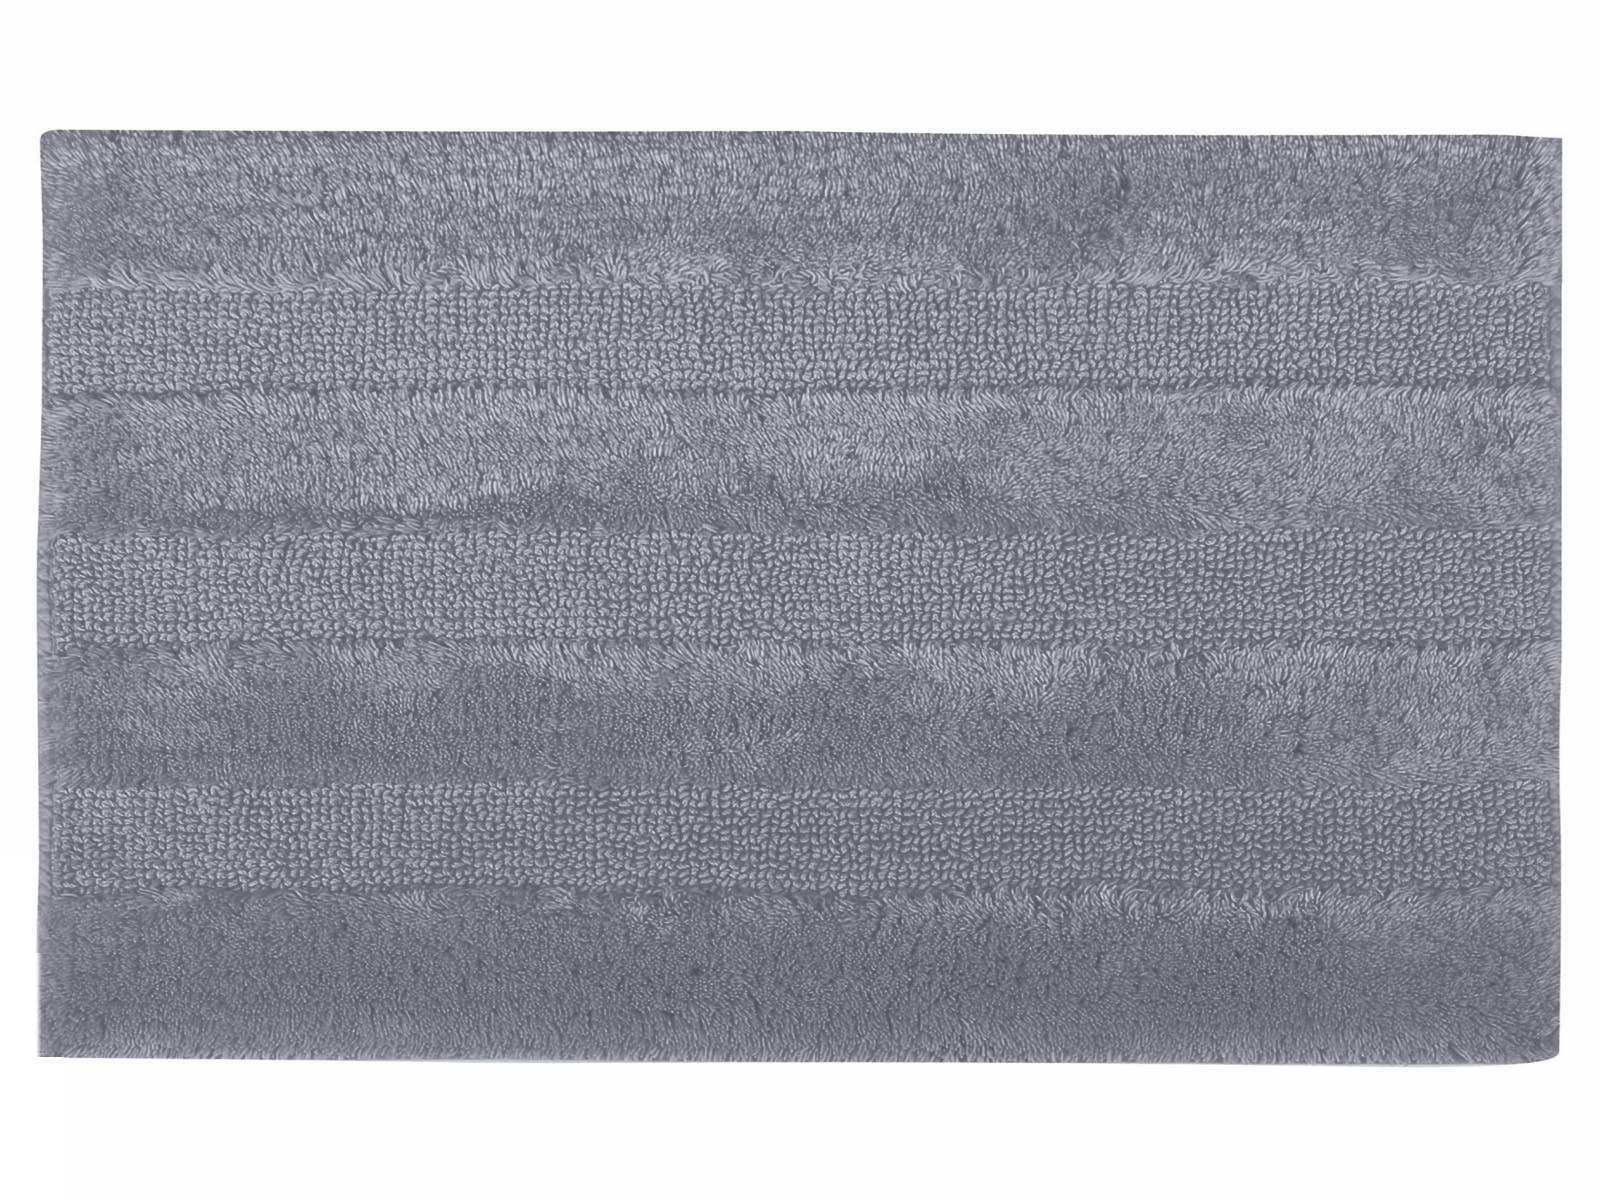 Dywanik Sorema NewPlus Magnetic Grey